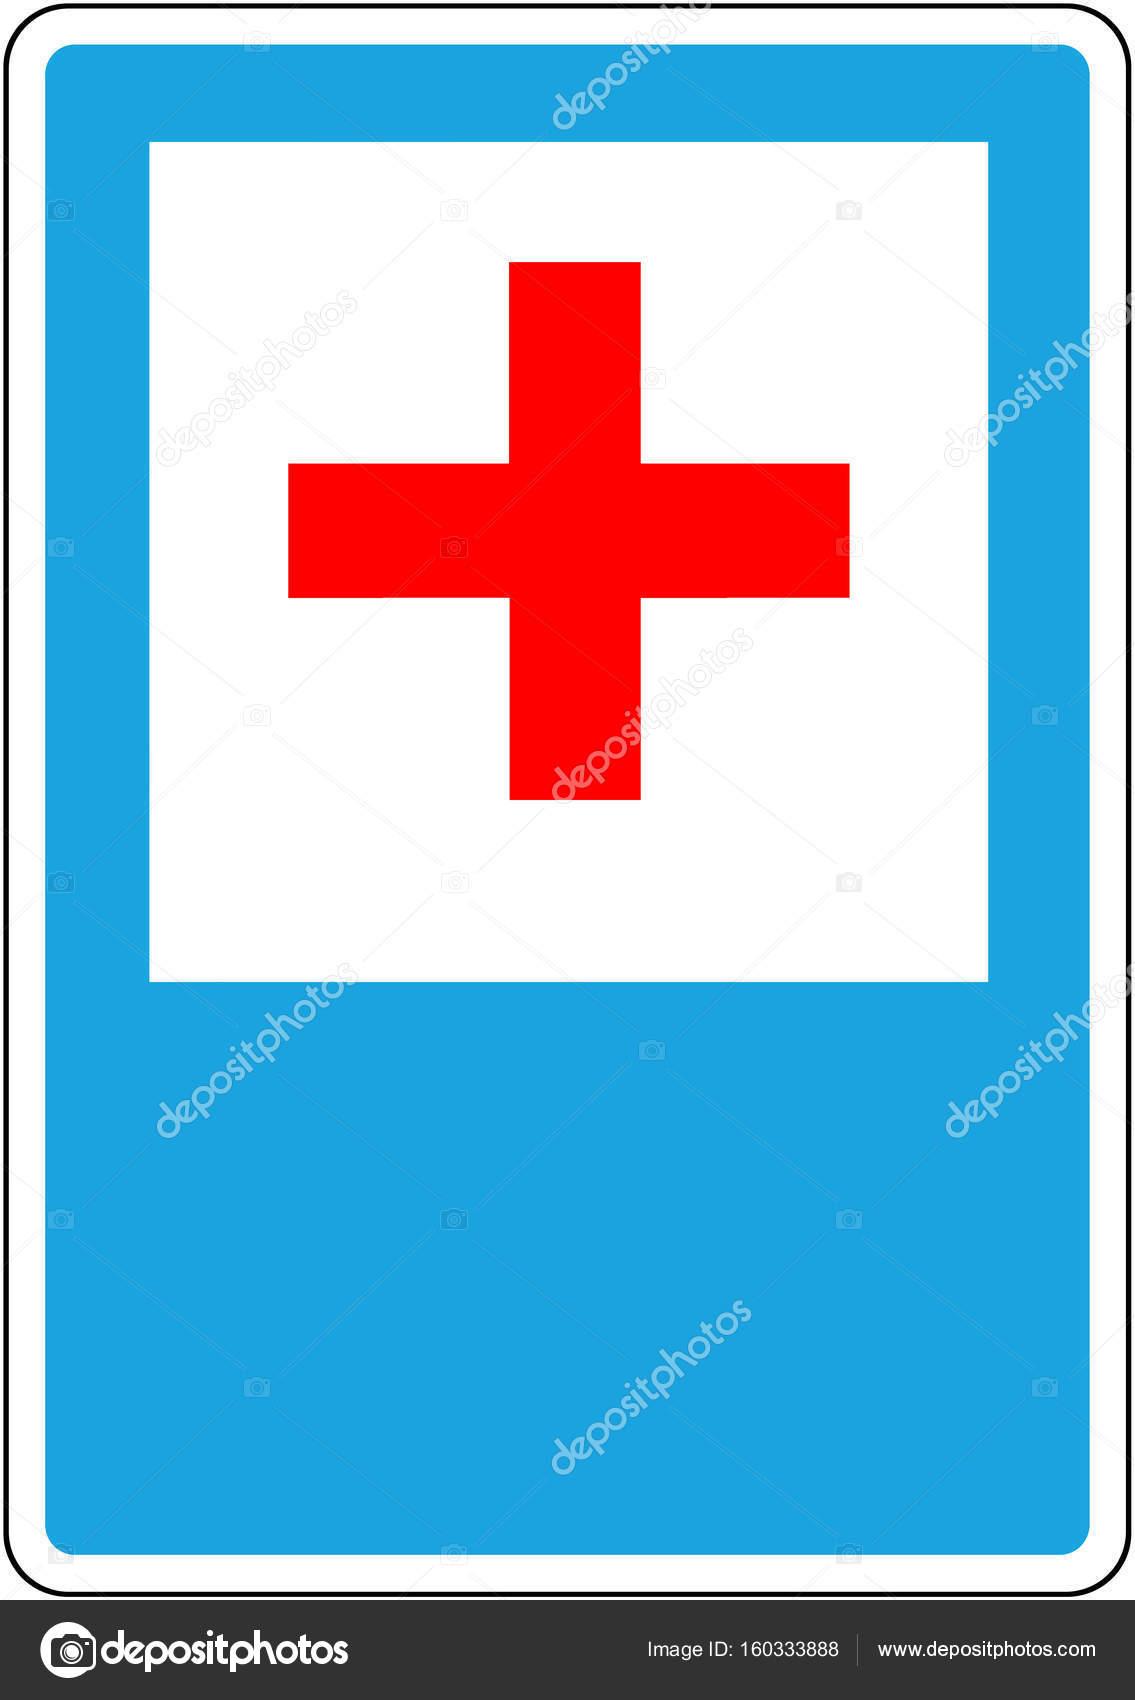 женские пункт первой помощи знак картинка школьницы, объяснениям